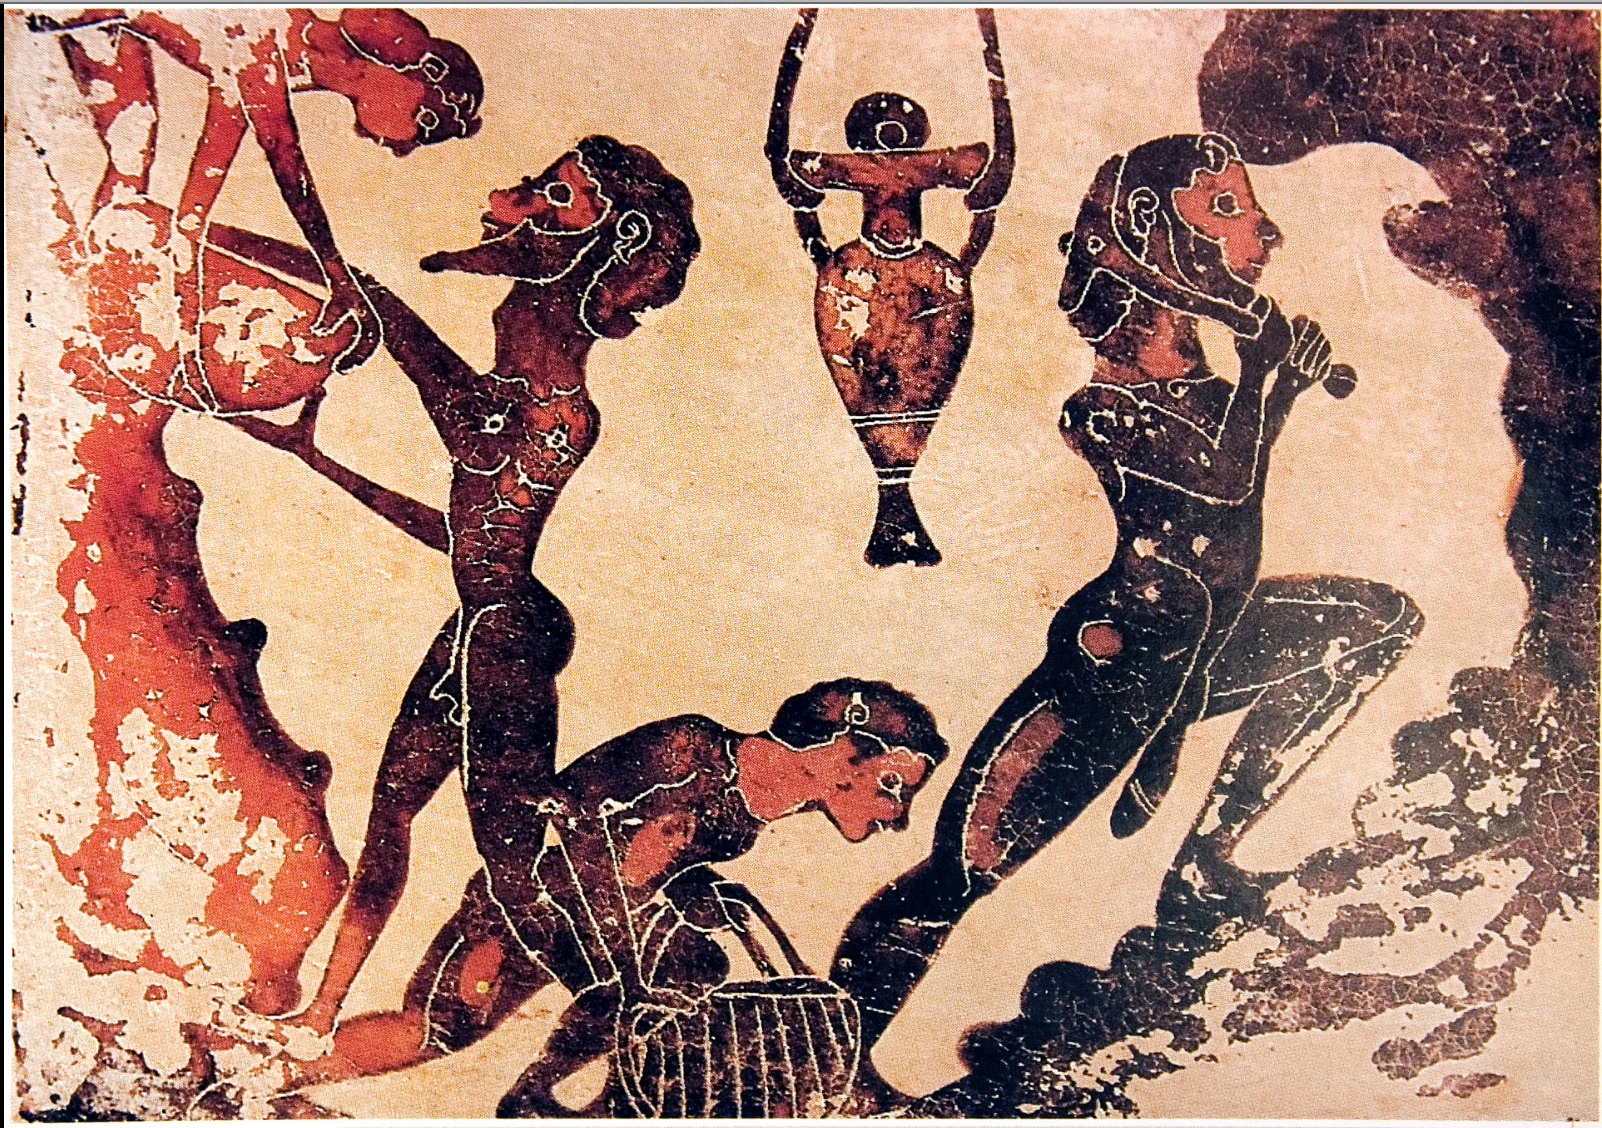 проститутки в древнем риме смотреть